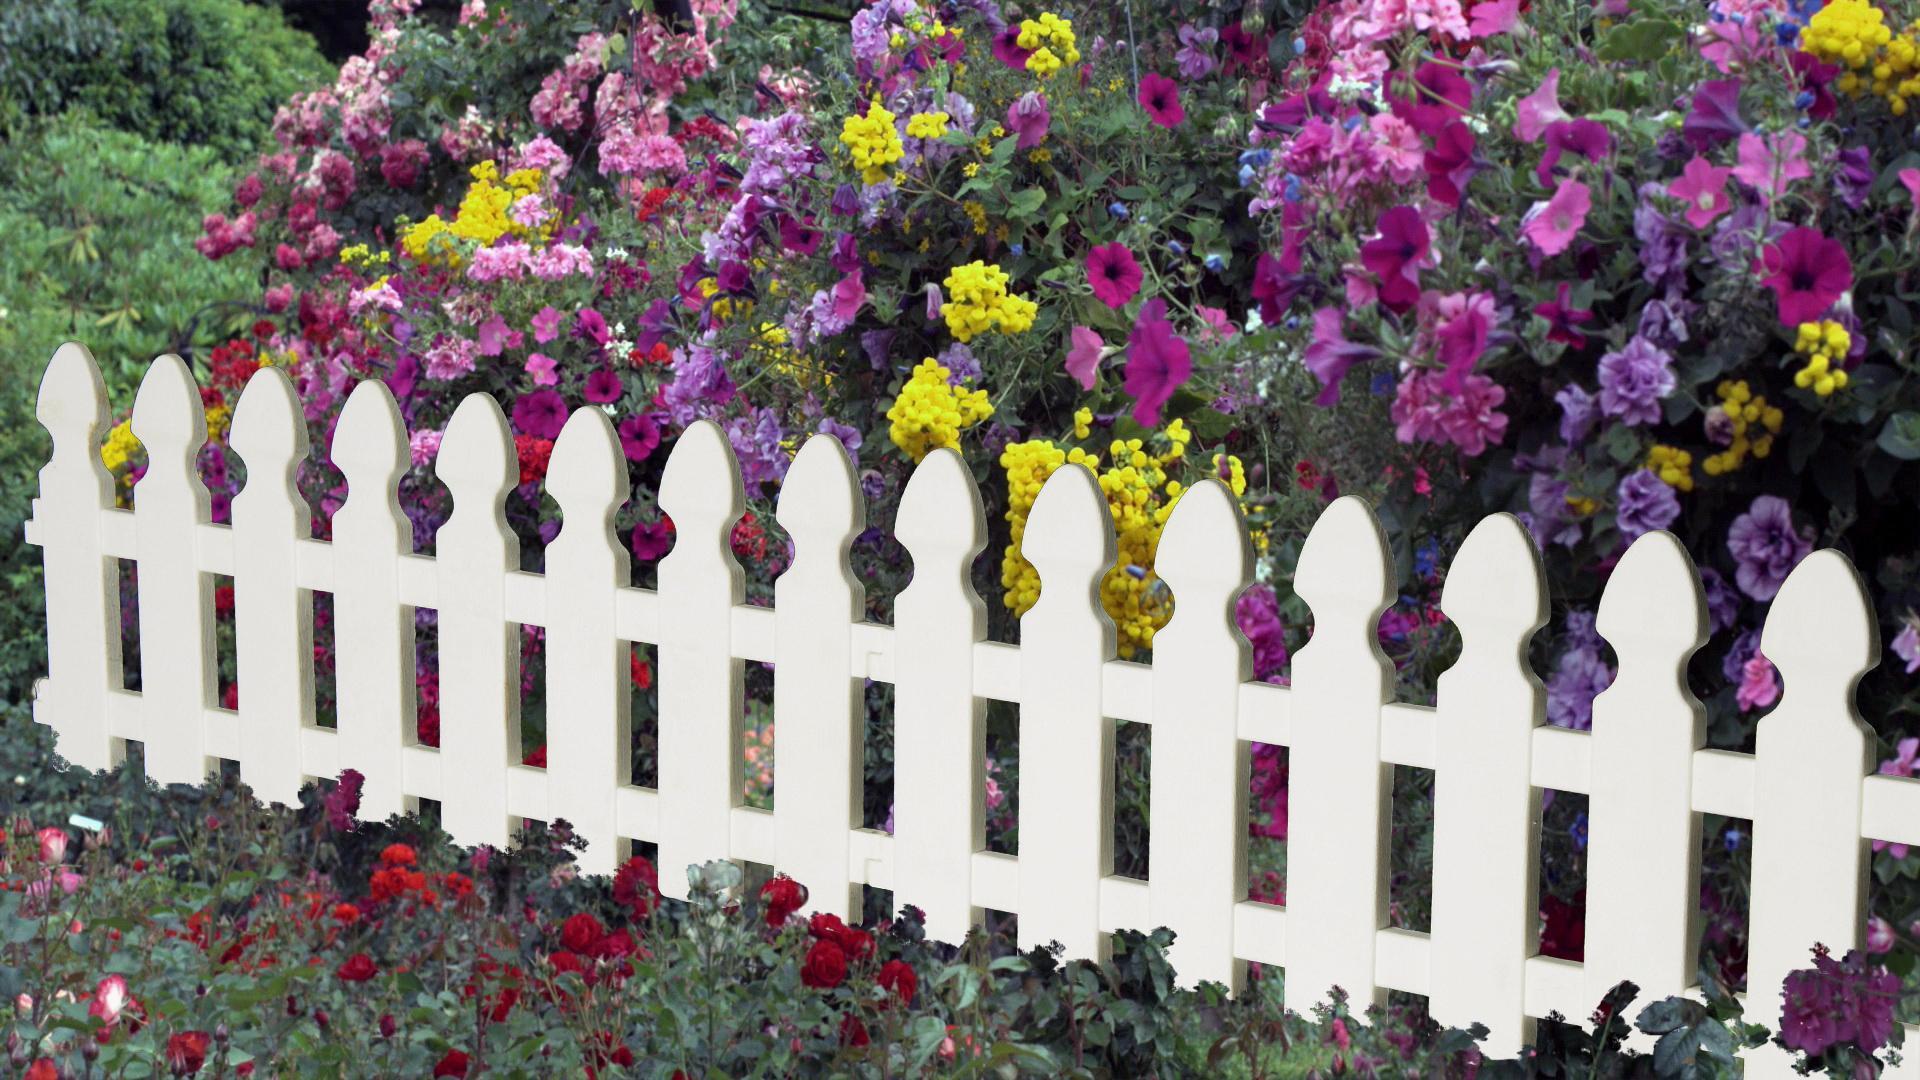 Заборчики и ограждения 🎍 своими руками для клумб и цветников — фото декоративного забора для сада